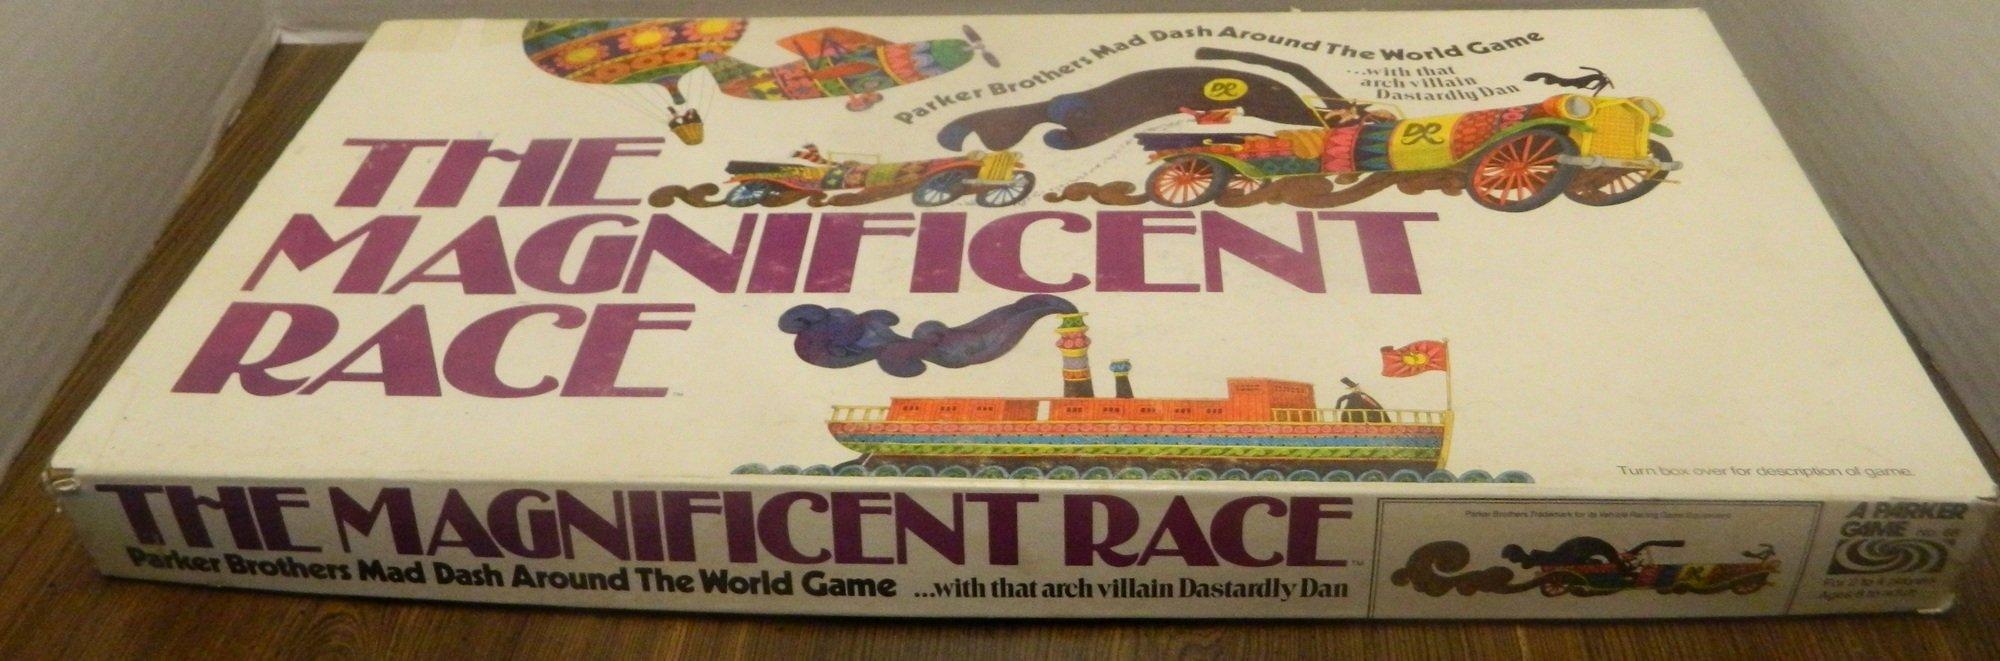 Magnificent Race Box